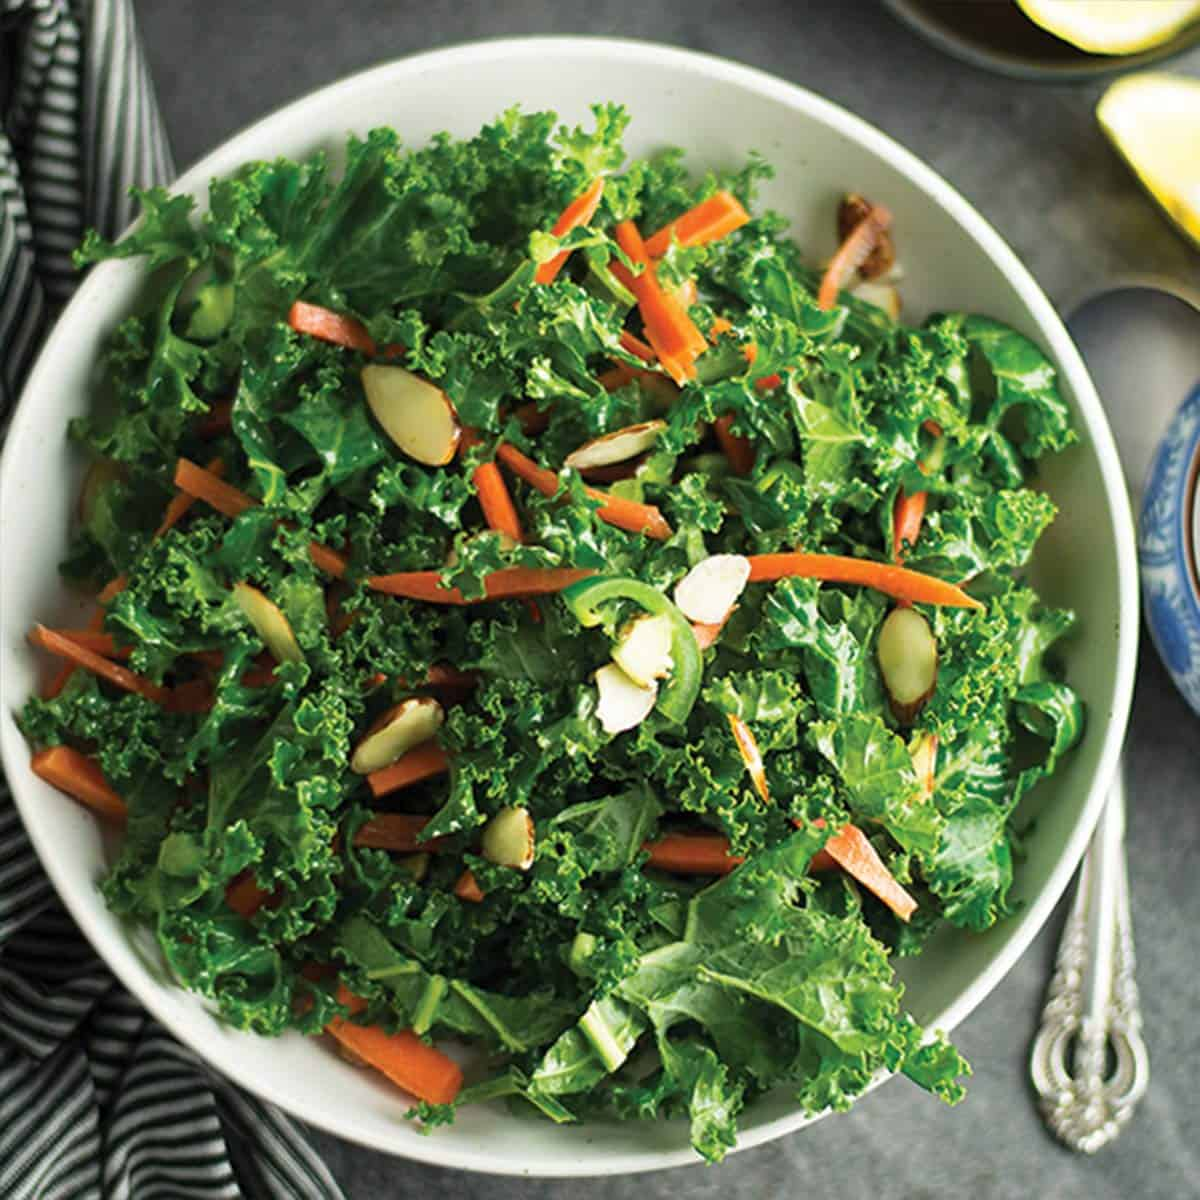 Spicy kale salad with lemon vinaigrette.